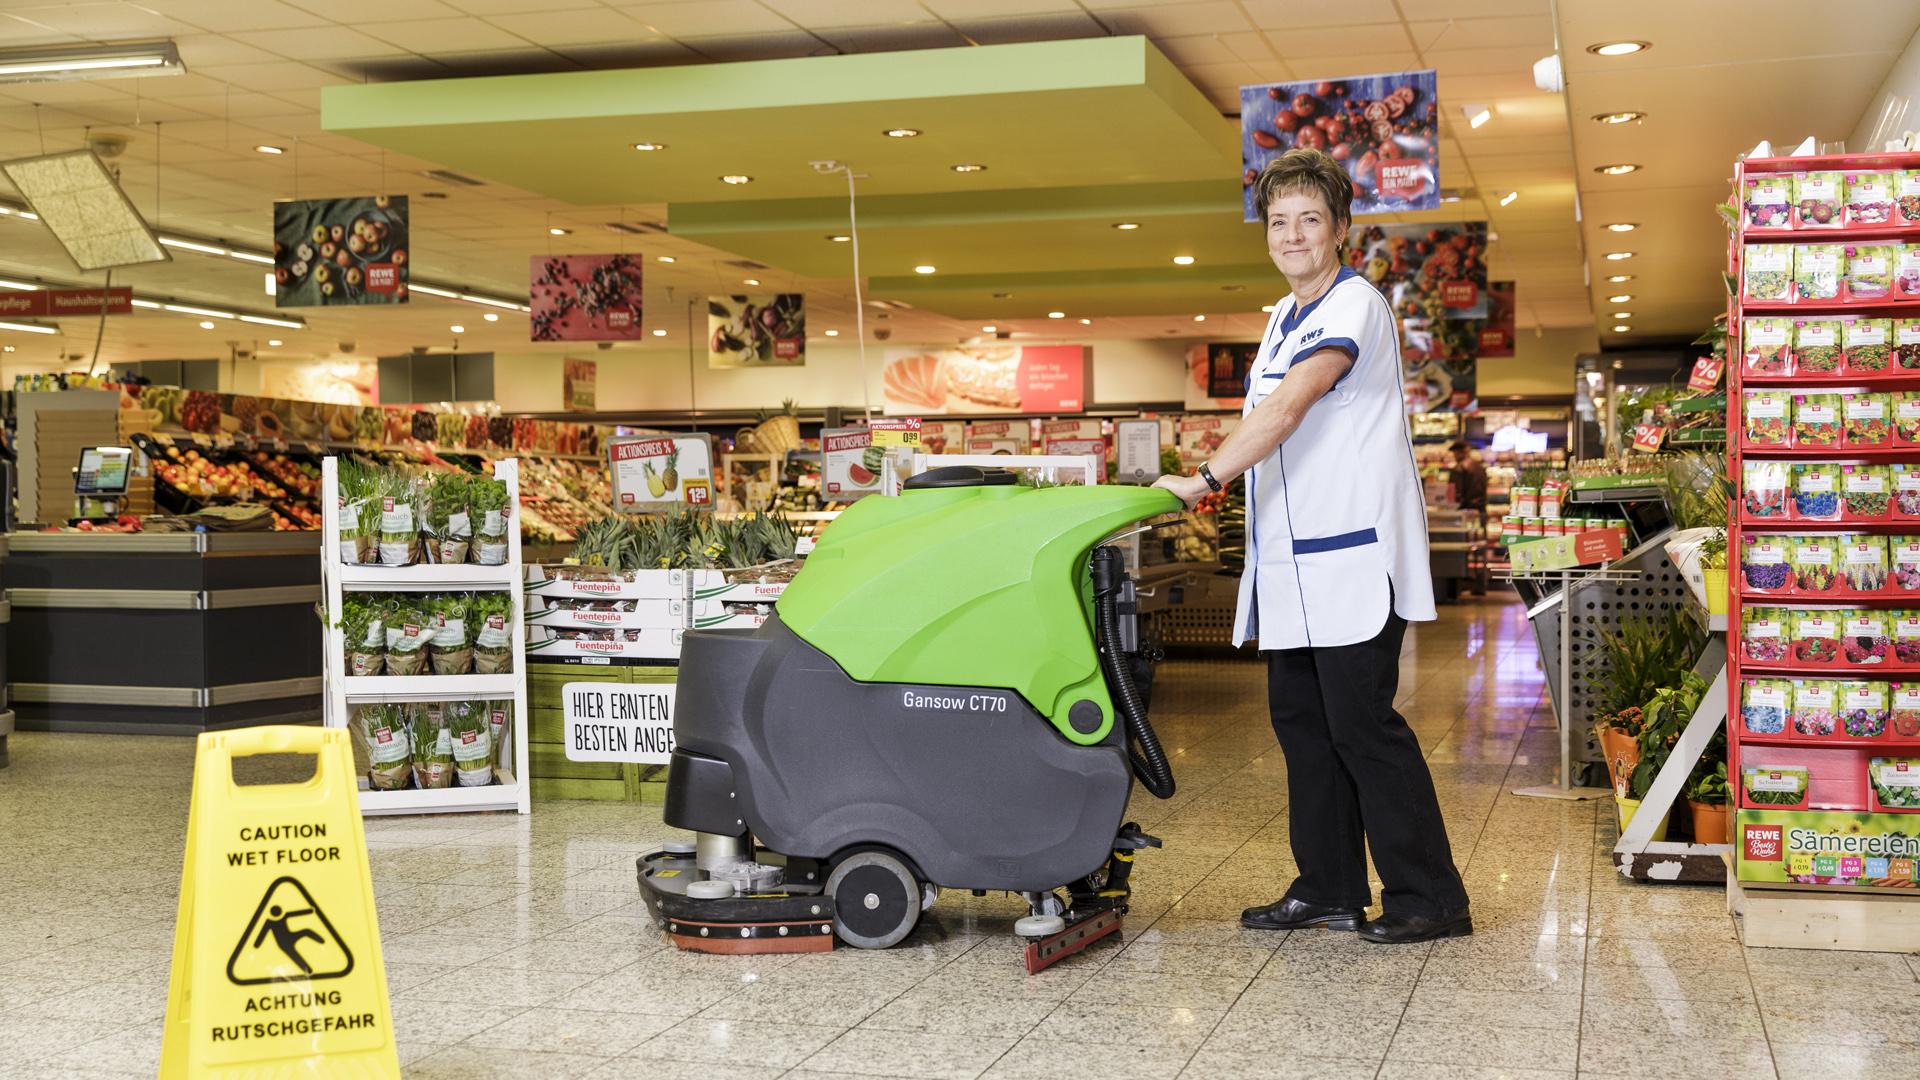 rws-gebauedeservice_einkaufsmarkt_reinigung_maschine_mitarbeiterin